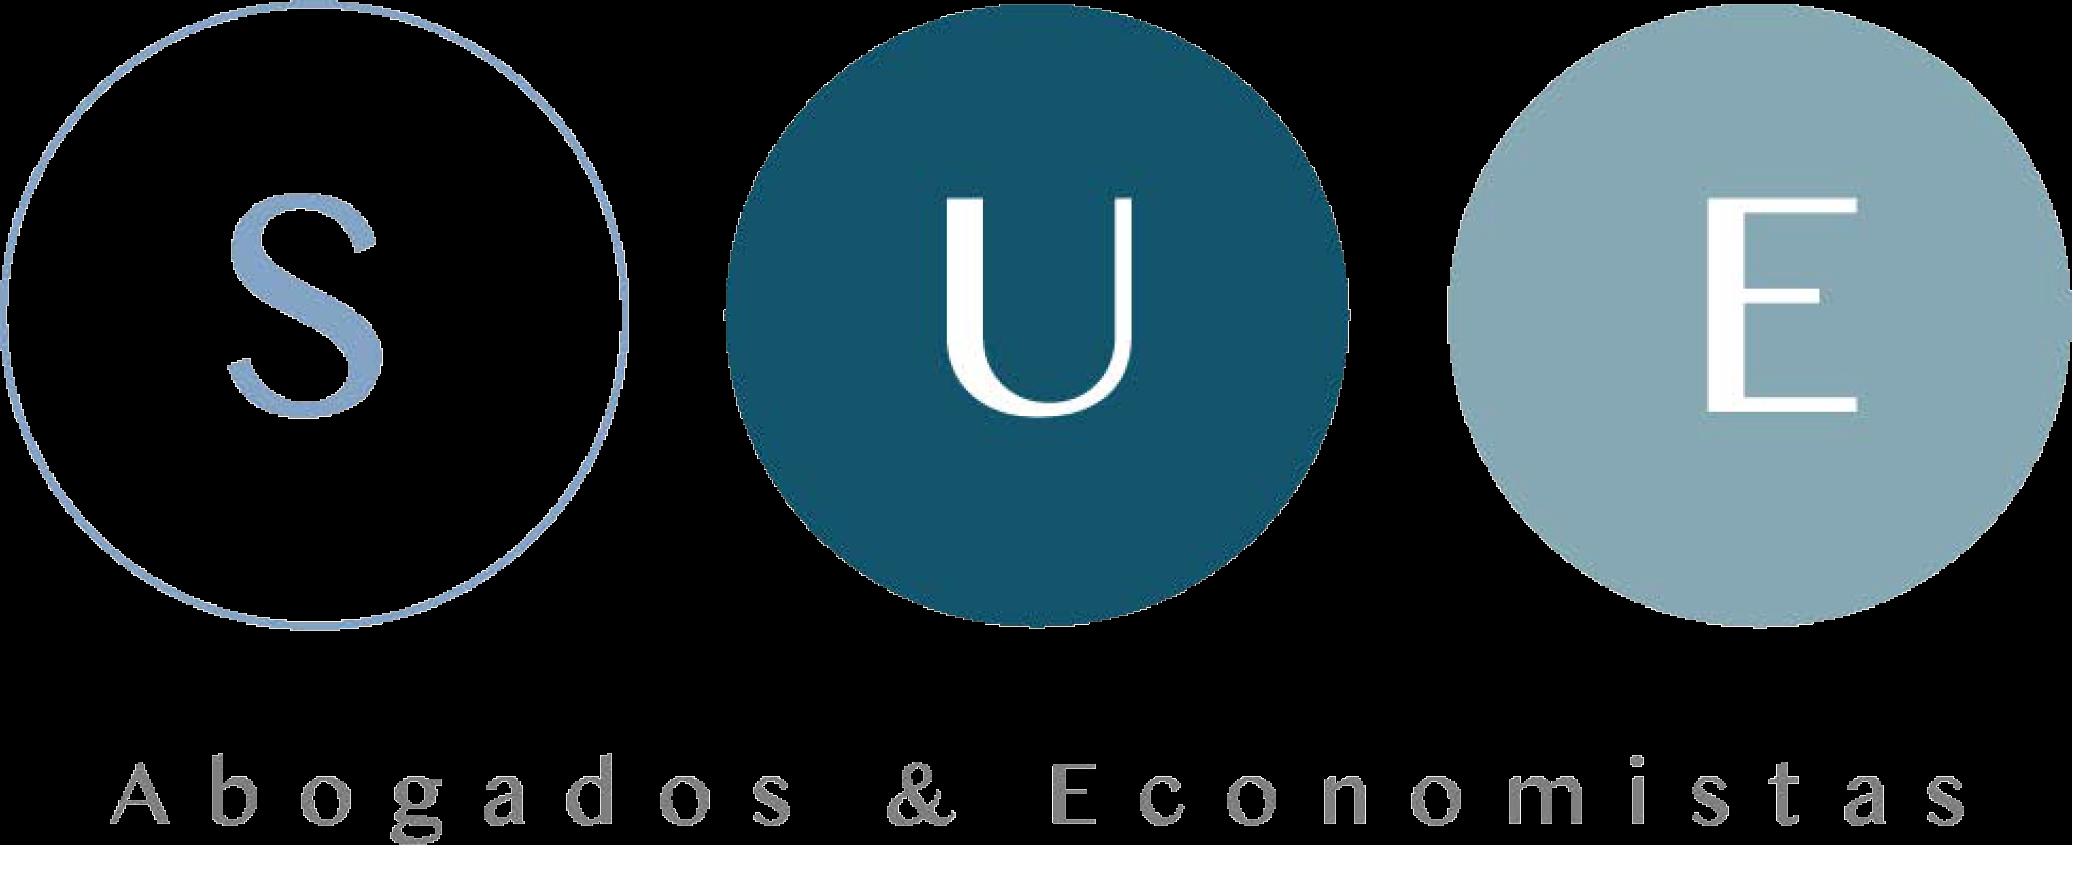 SUE Abogados & Economistas